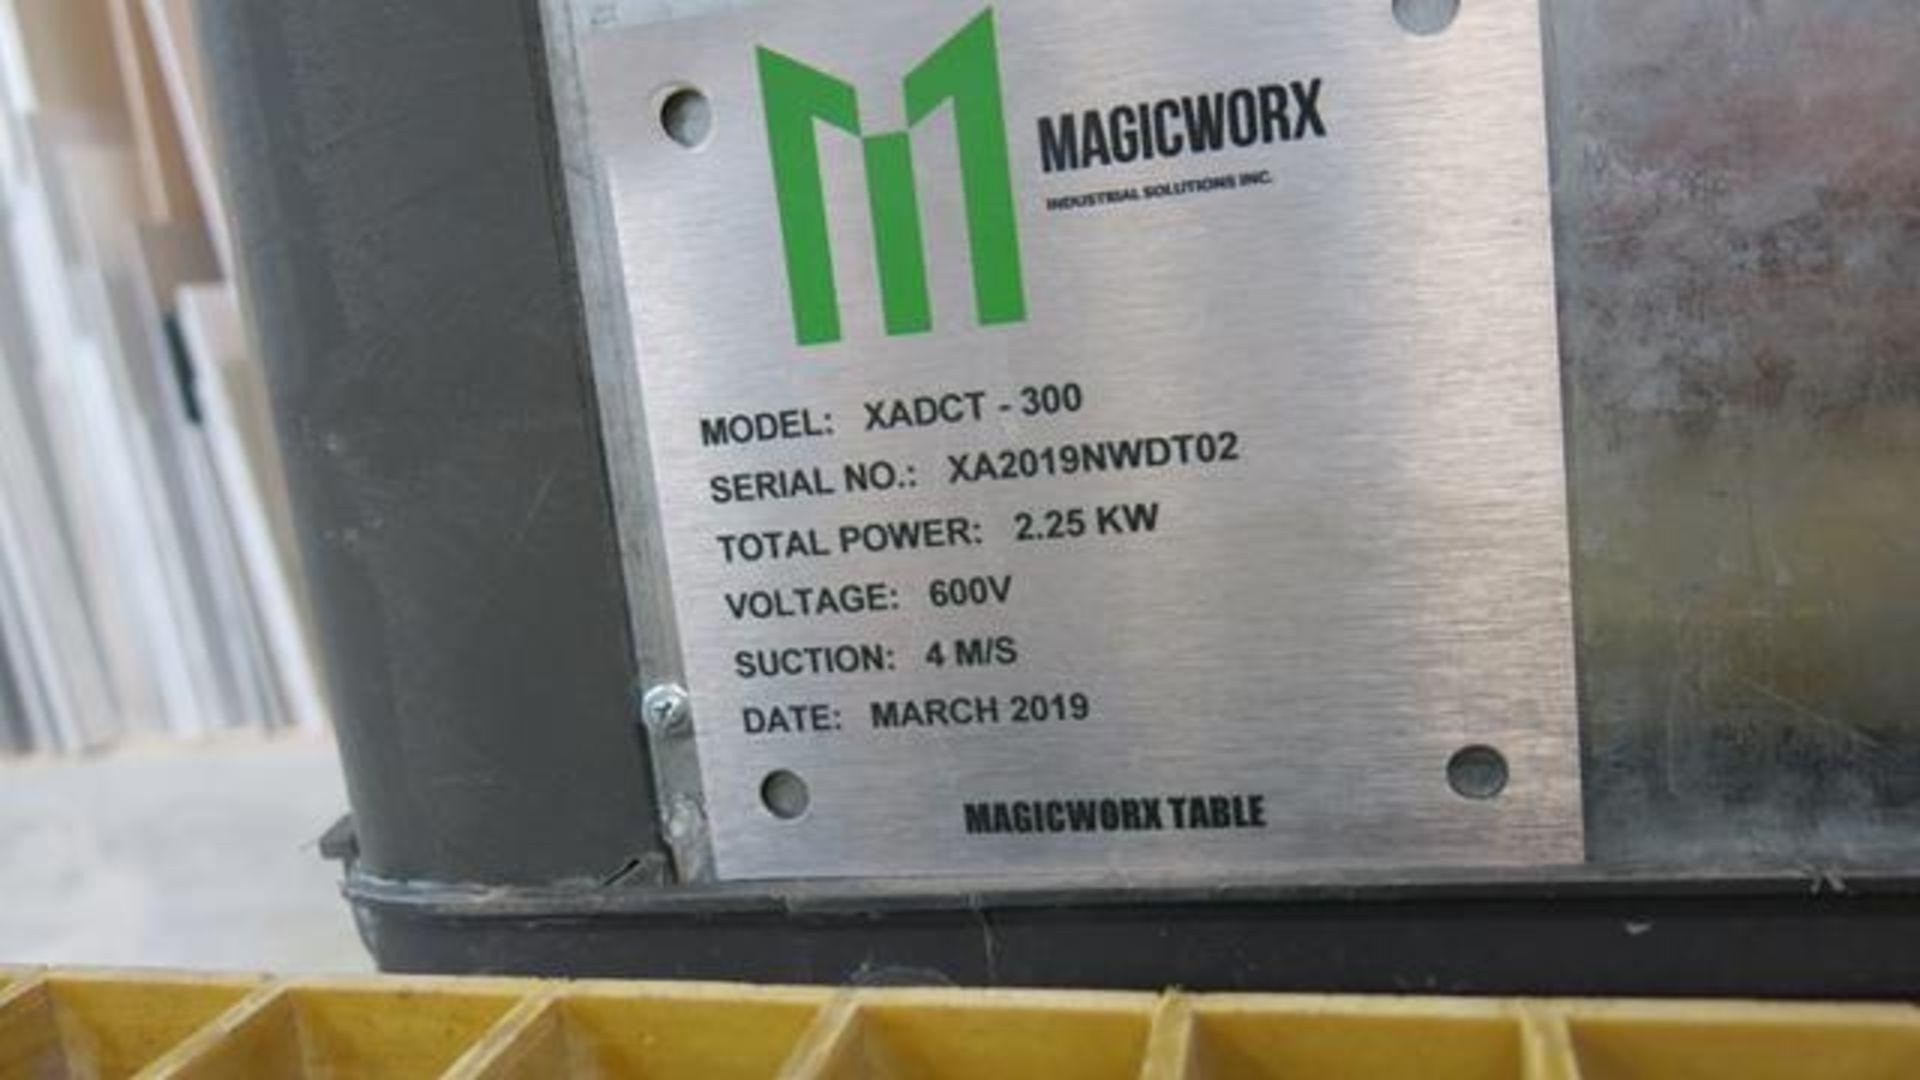 Lot 916 - MAGICWORX, XADCT-300, DOWNDRAFT TABLE, S/N XA2019NWDT02, 2019